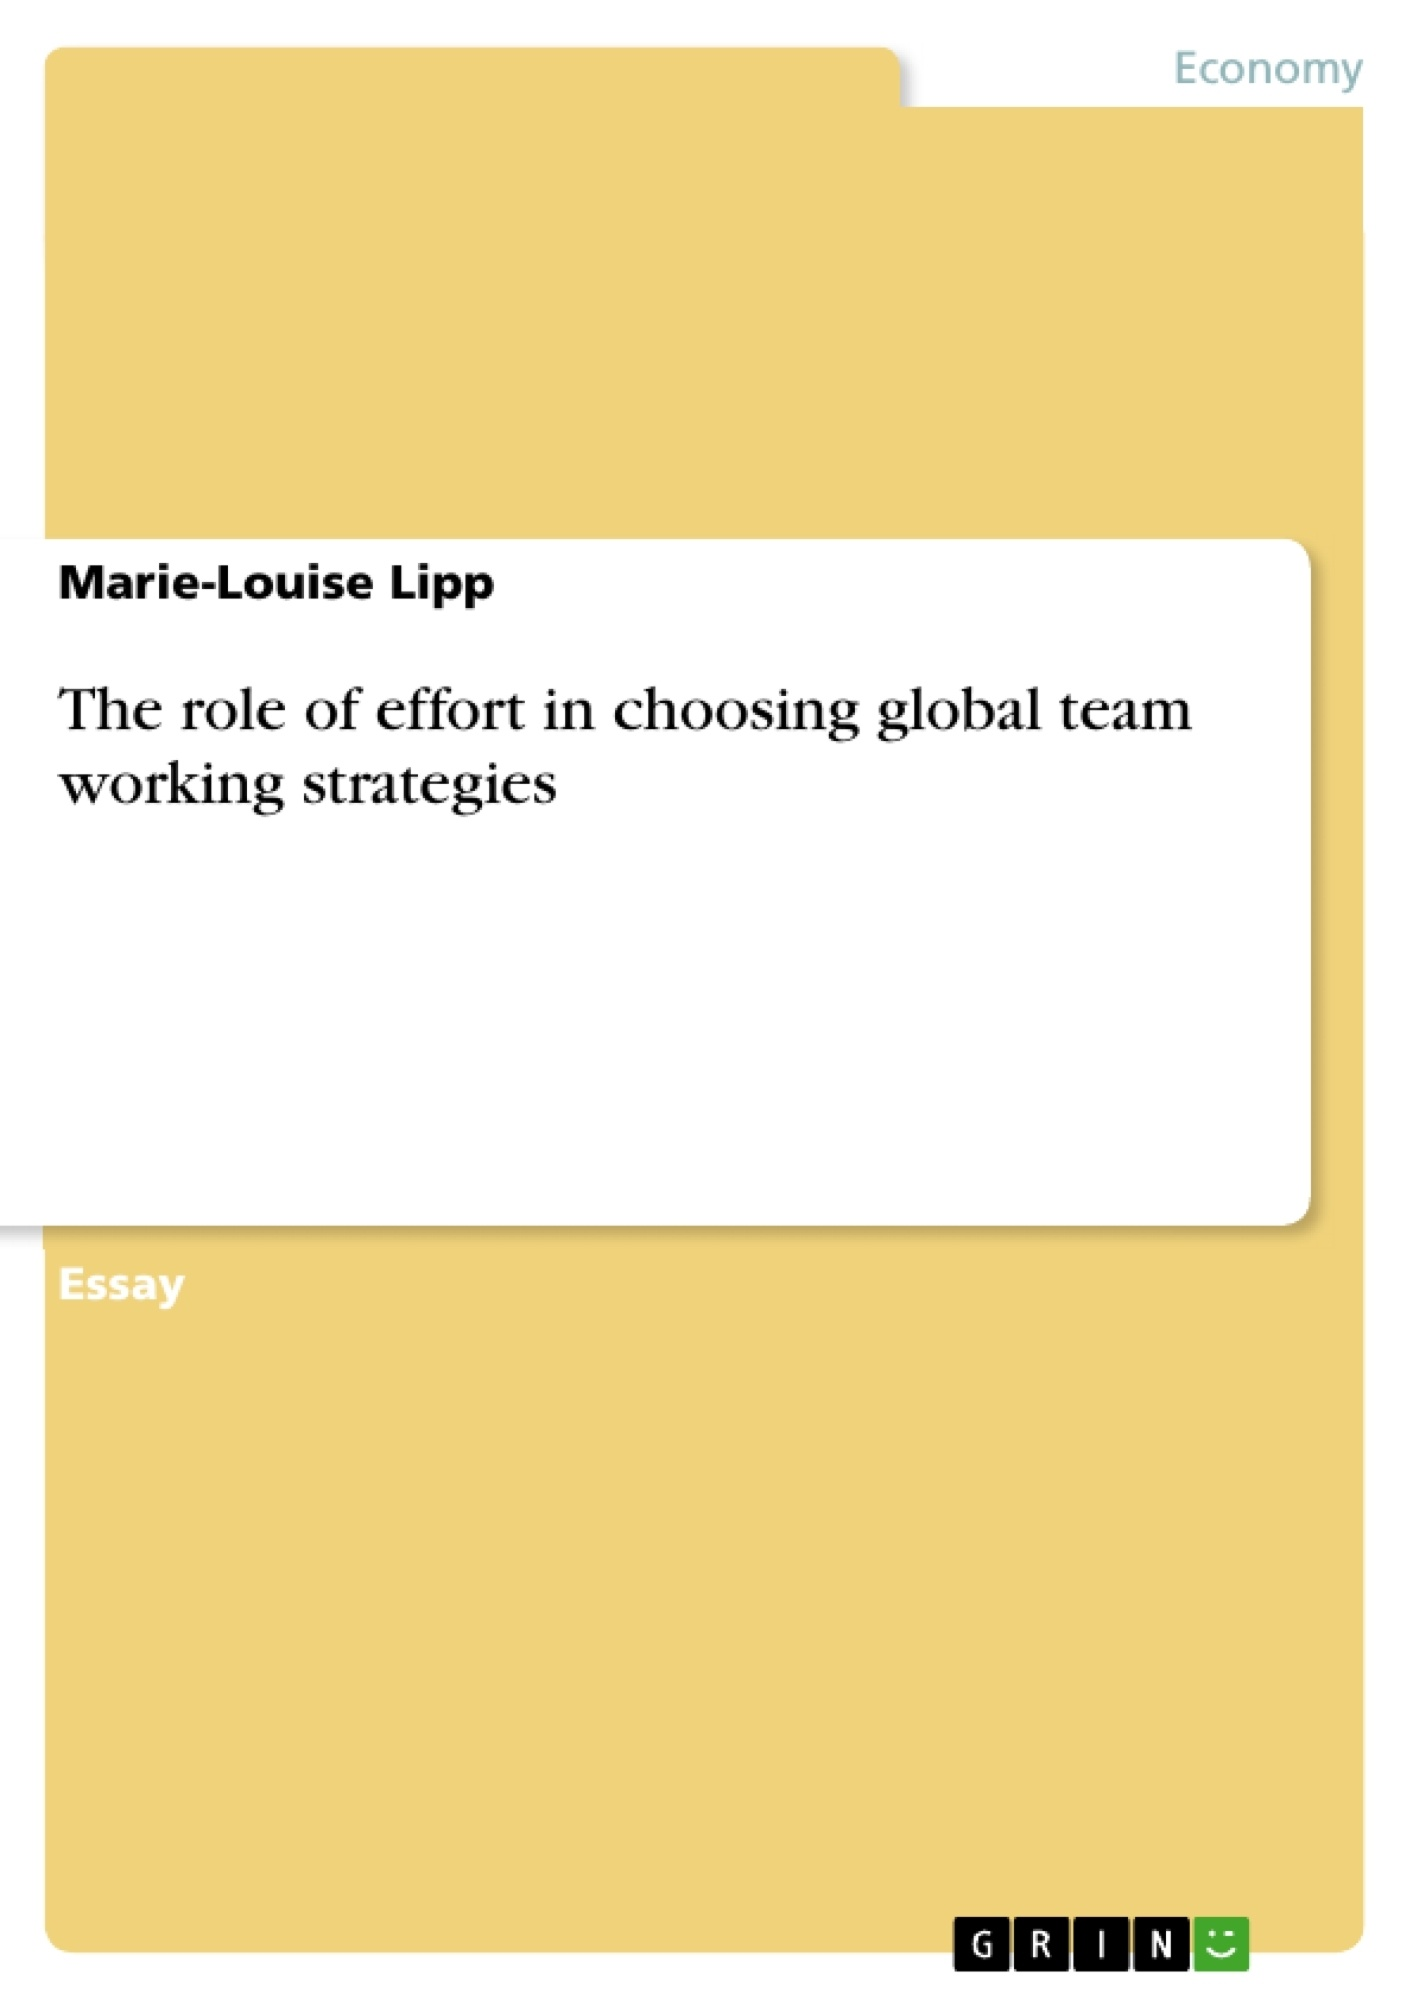 Title: The role of effort in choosing global team working strategies